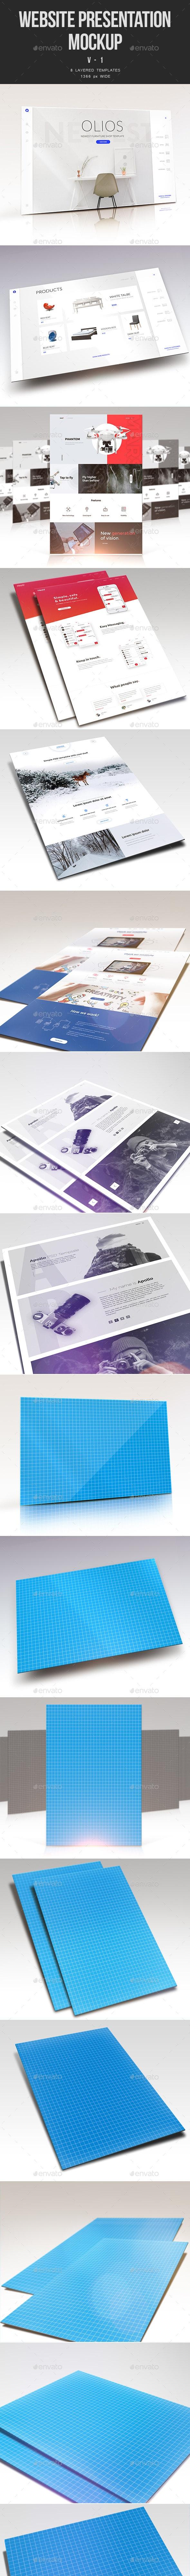 Website Presentation Mockup V.1 - Website Displays